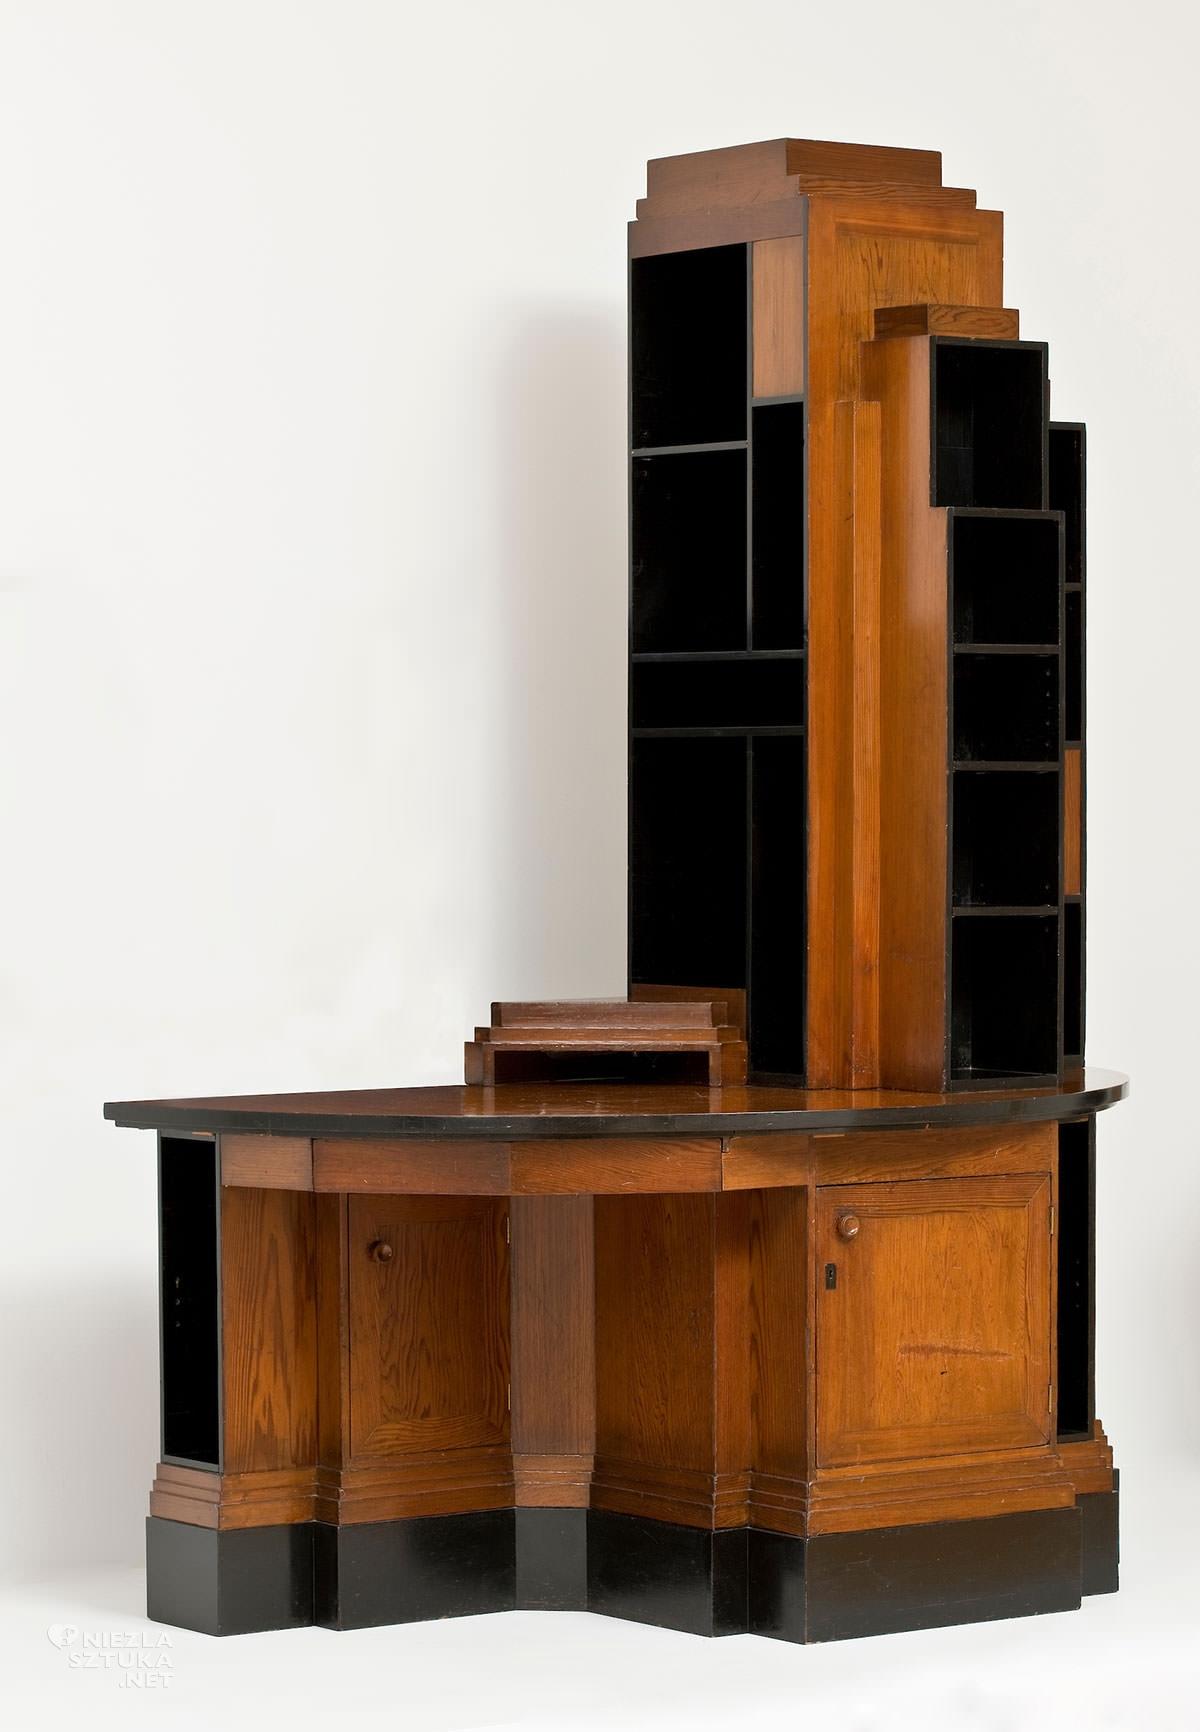 Paul Frankl, Skyskaper Cabinet, regał wieżowiec, sztuka użytkowa, art deco, niezła sztuka